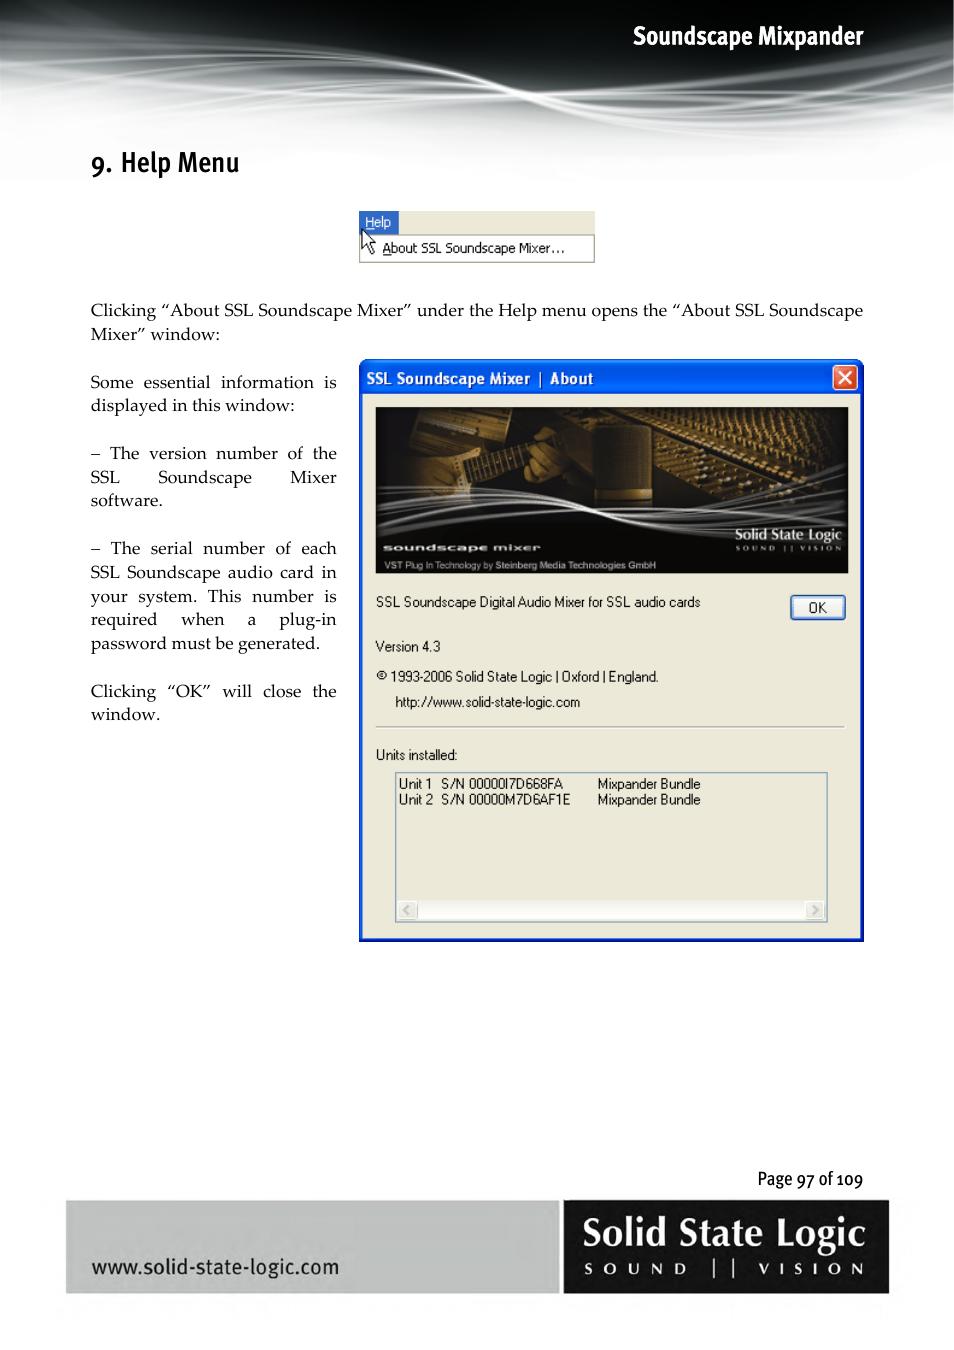 Help menu, Soundscape mixpander | Solid State Logic Soundscape Mixer